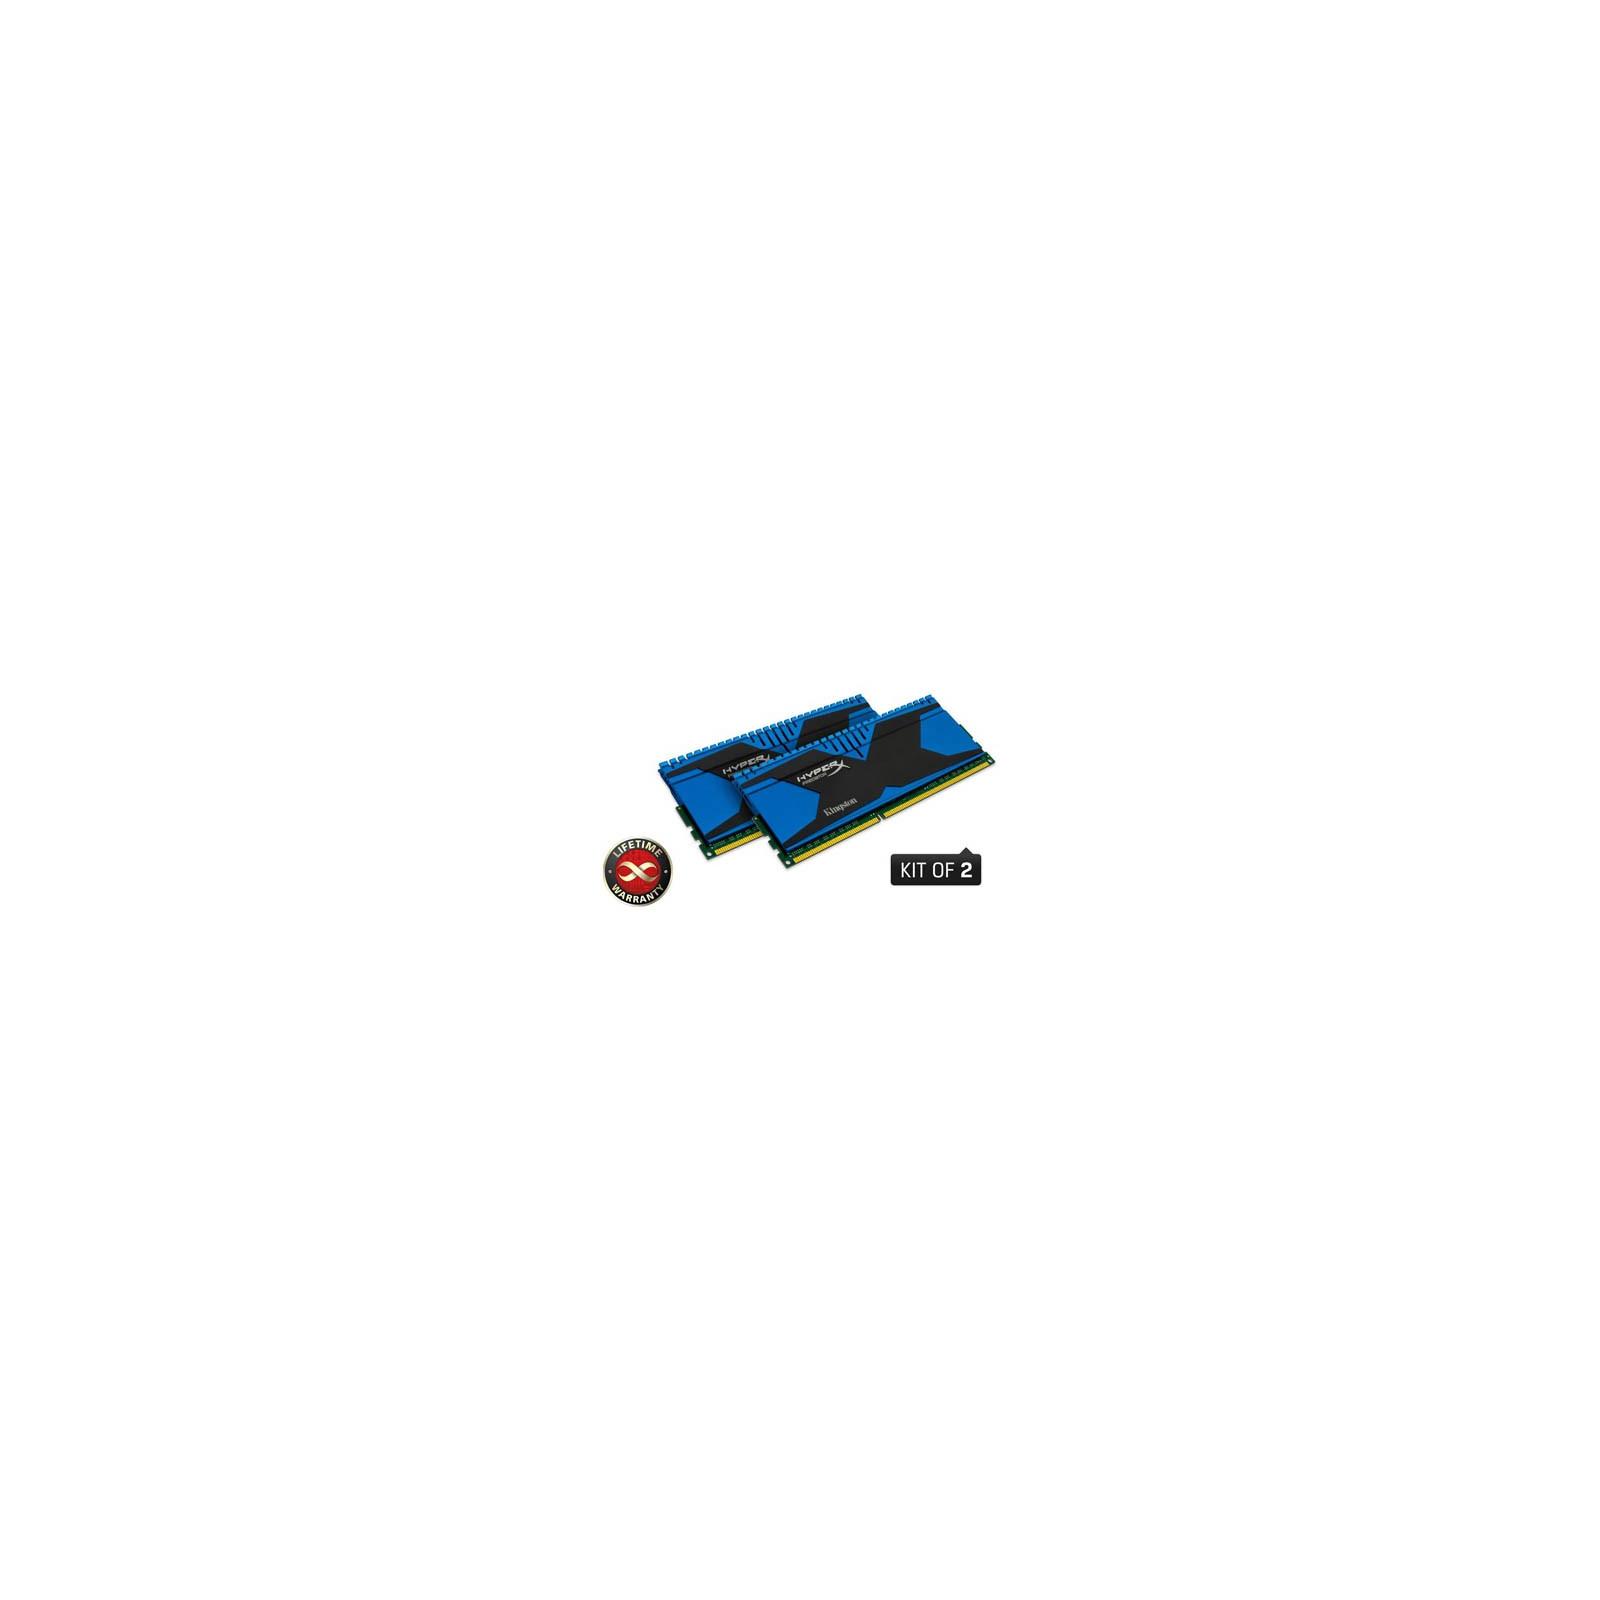 Модуль памяти для компьютера DDR3 8GB (2x4GB) 1866 MHz Kingston (KHX18C9T2K2/8X)